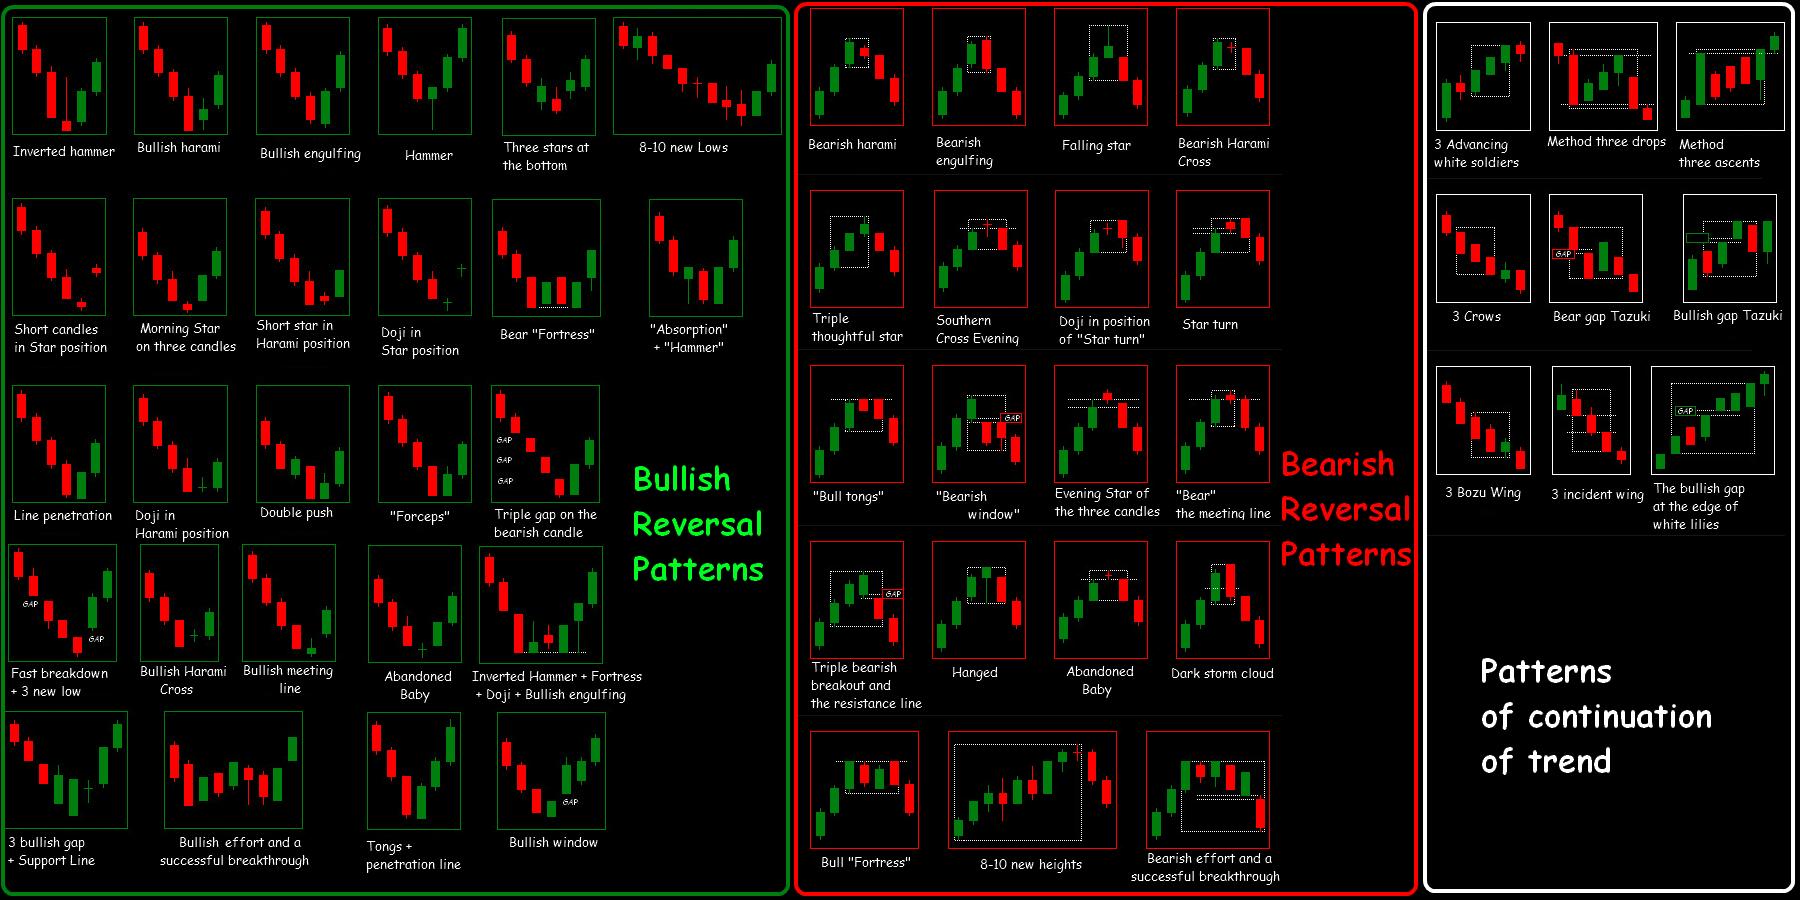 bináris opciók bevétele befektetési áttekintés nélkül